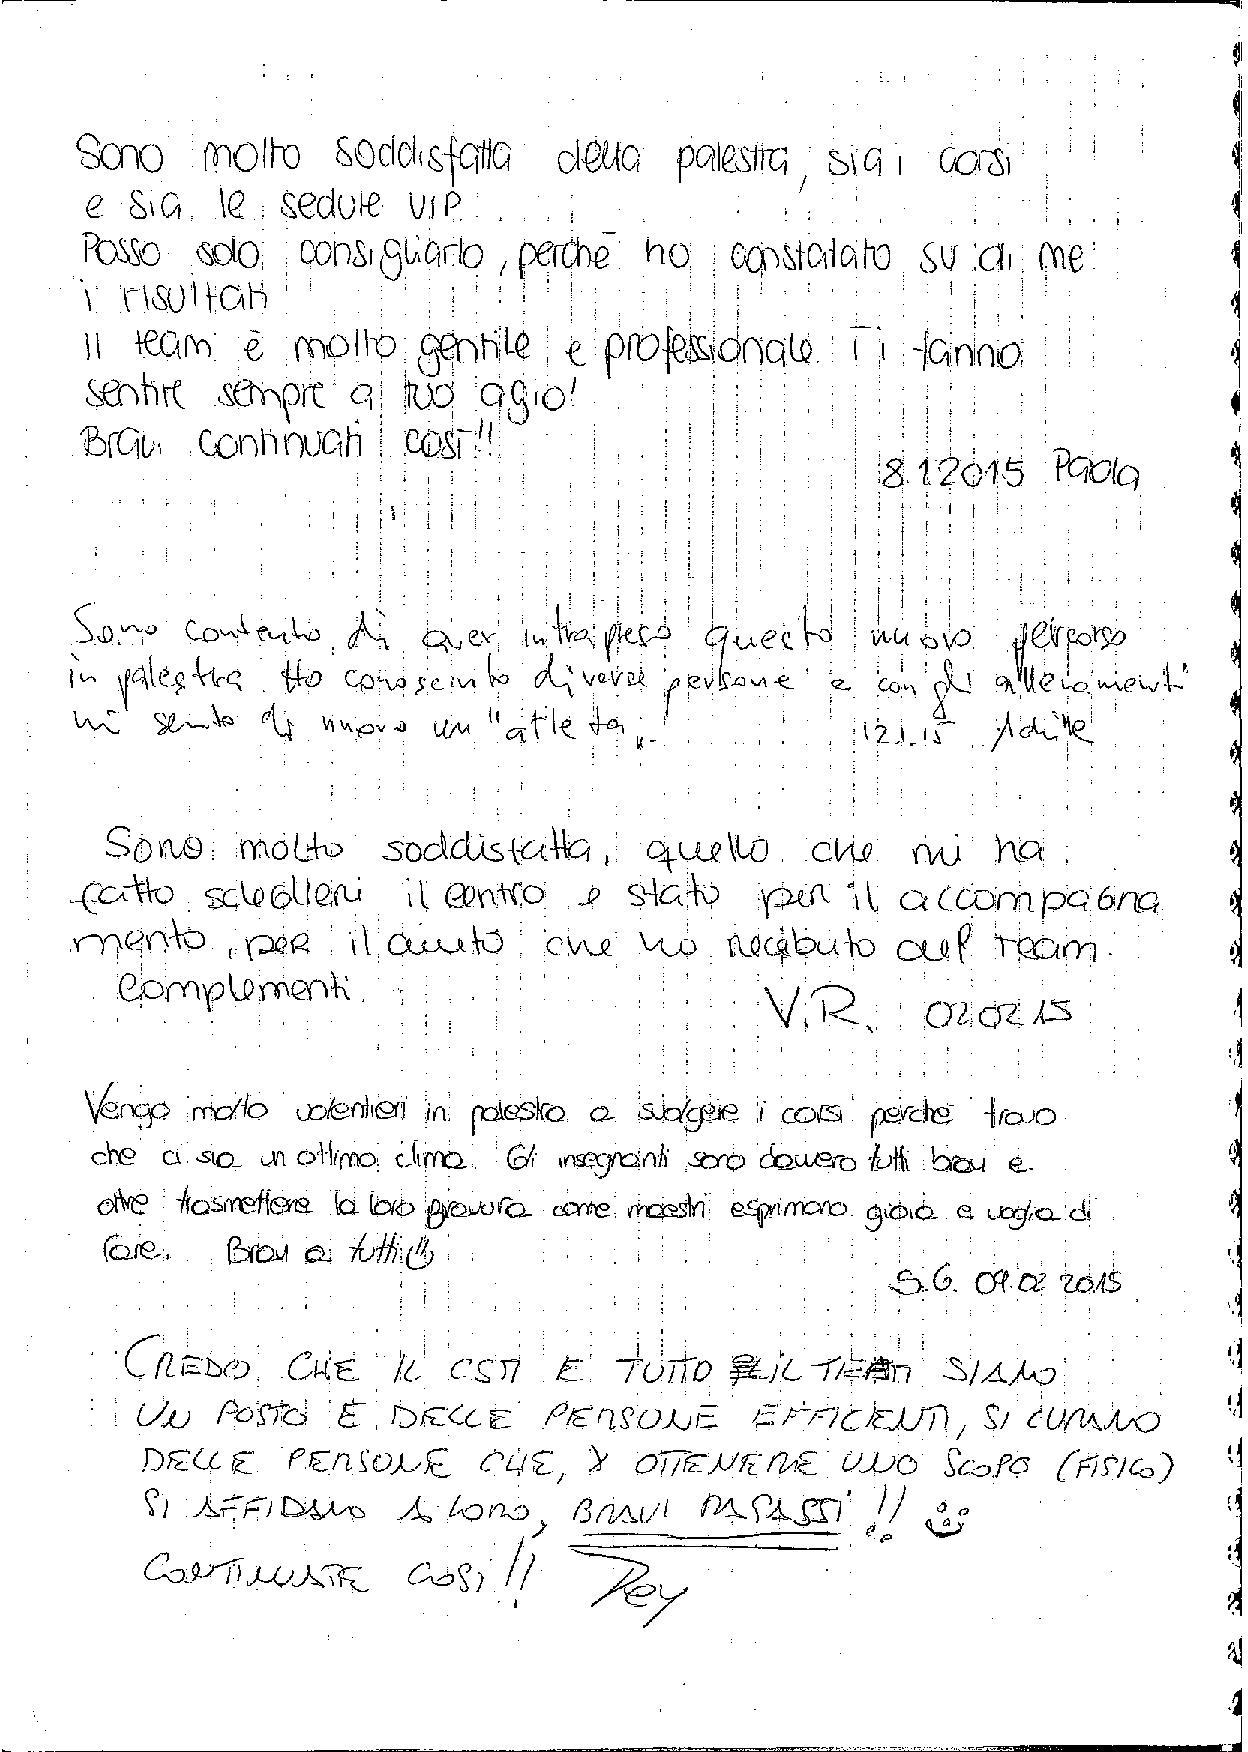 testimonianza-2